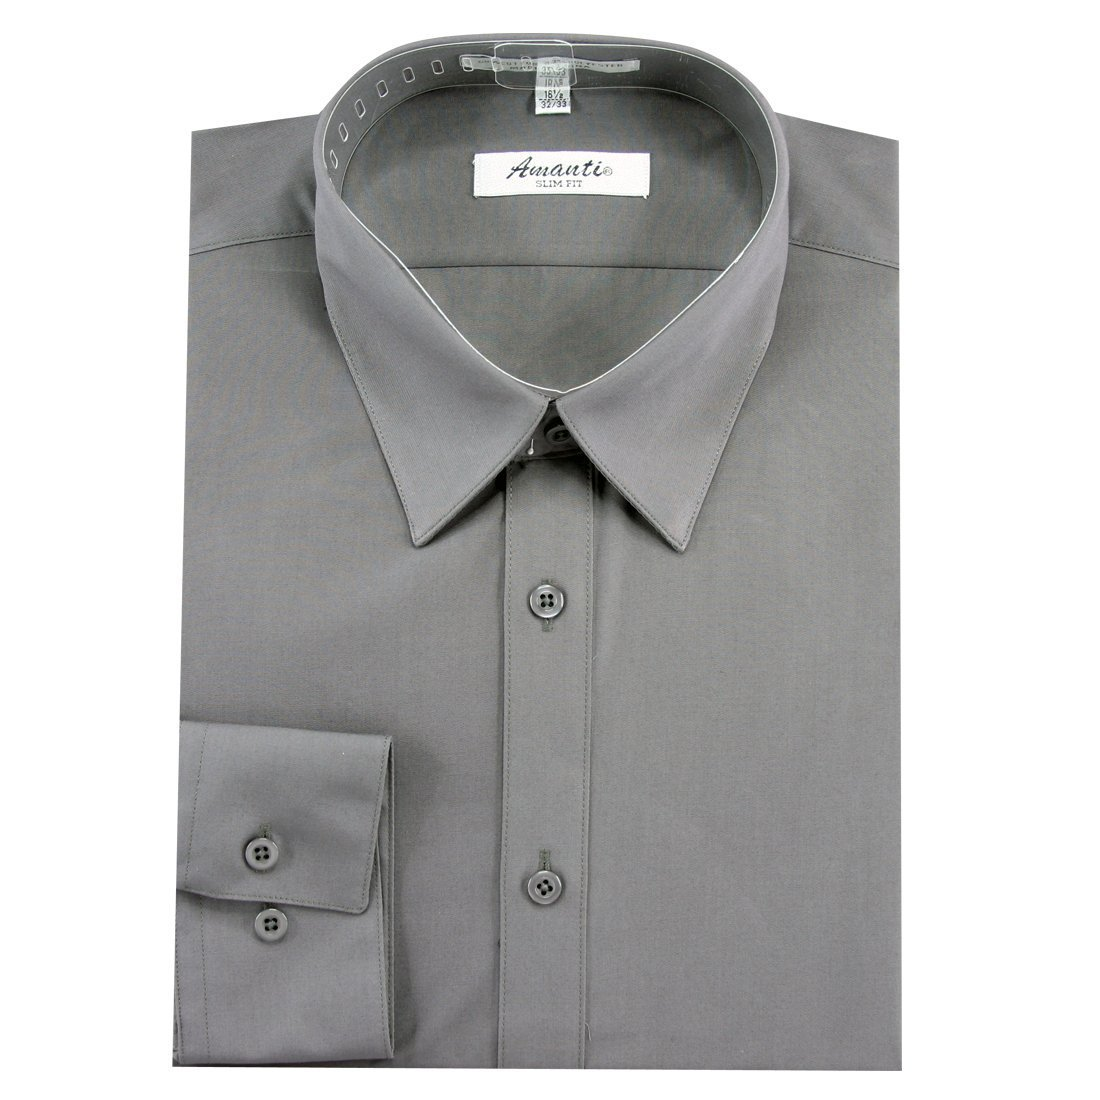 Amanti Slim Fit Dress Shirt Convertible Cuff